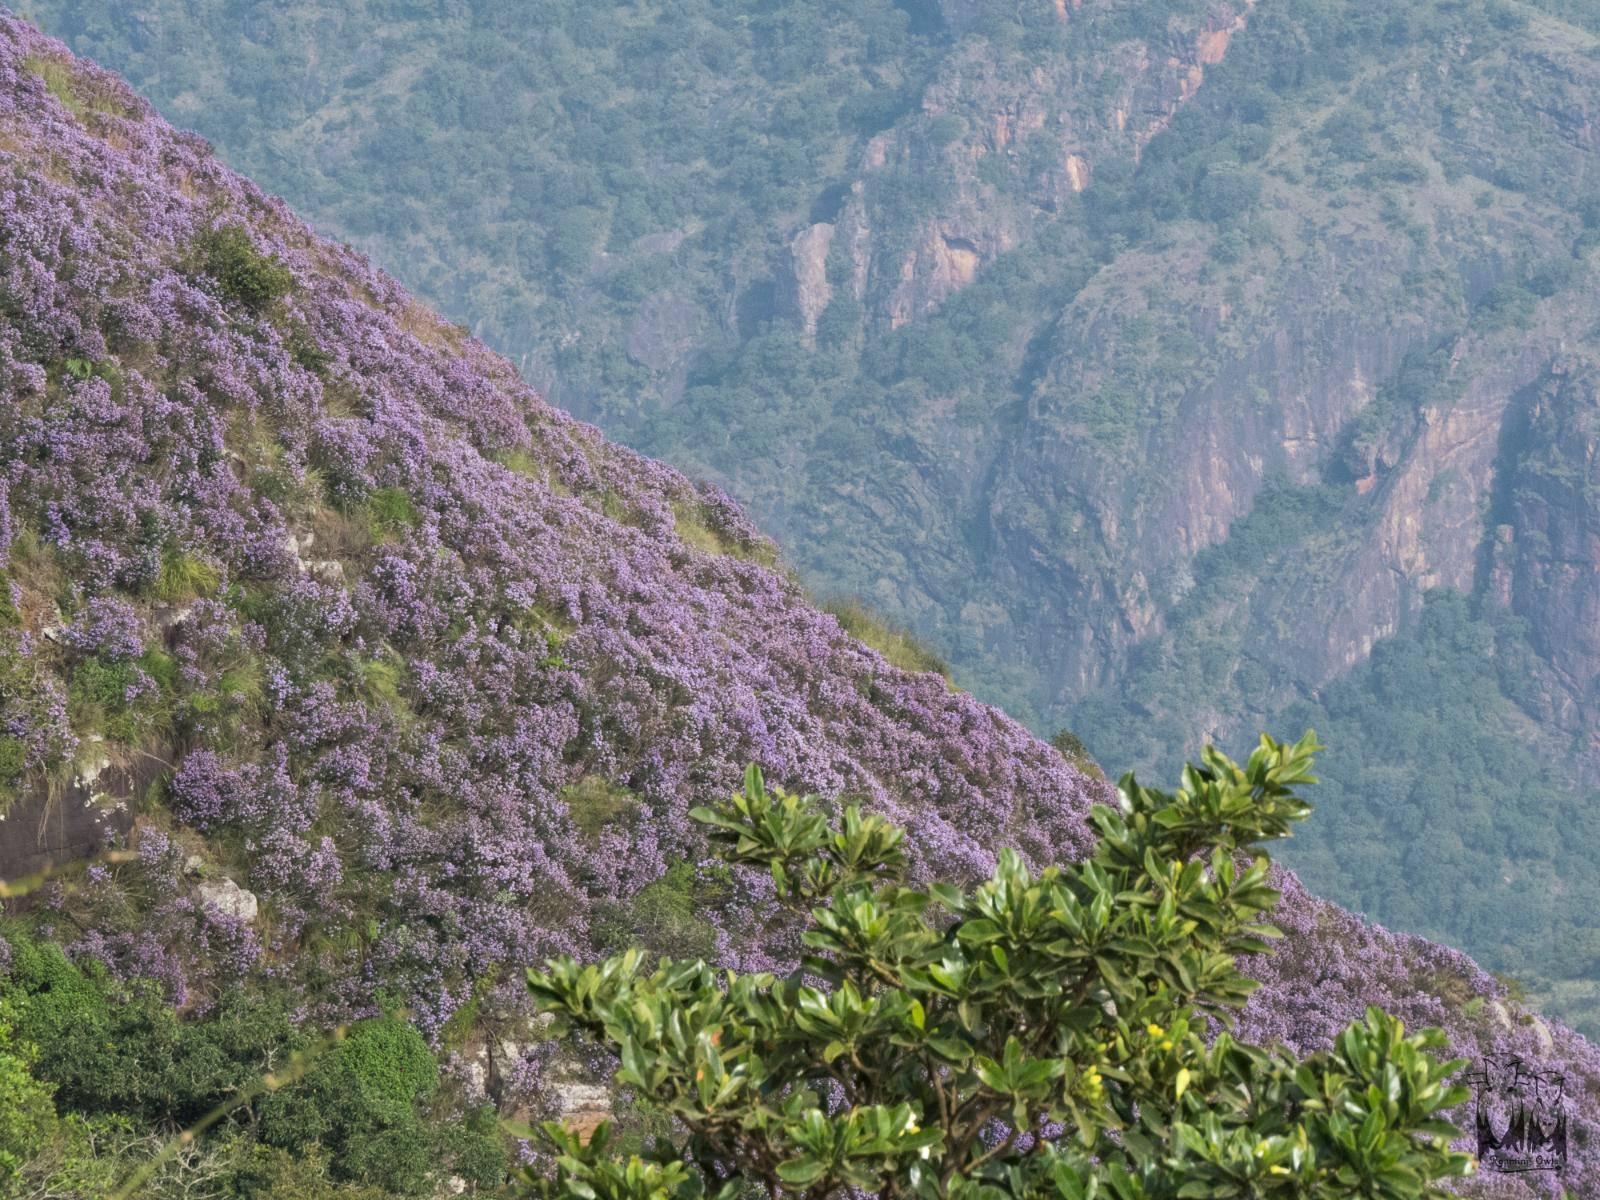 Neelakurinji,strobilanthes konthiana,Nilgiri hill range,நீலக்குறிஞ்சி